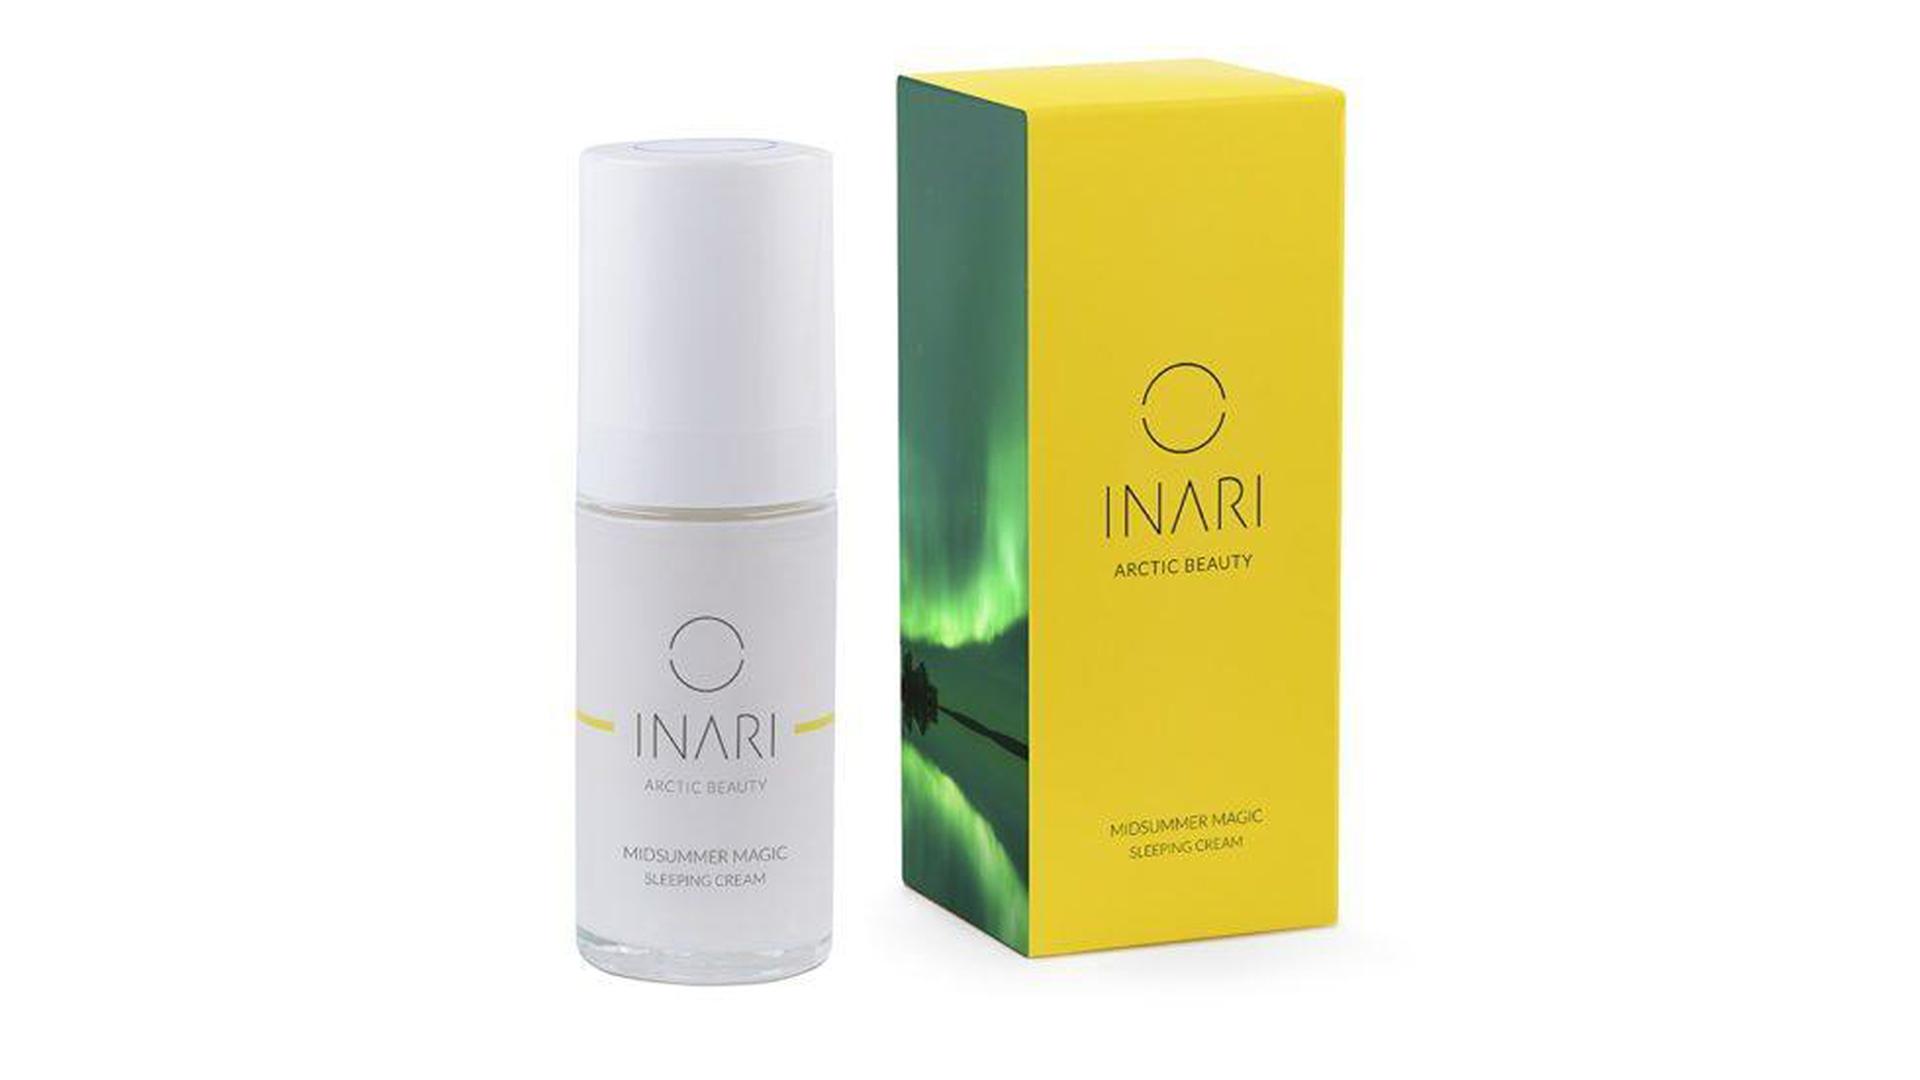 Inari - Midsummer Magic Éjszakai Arckrém